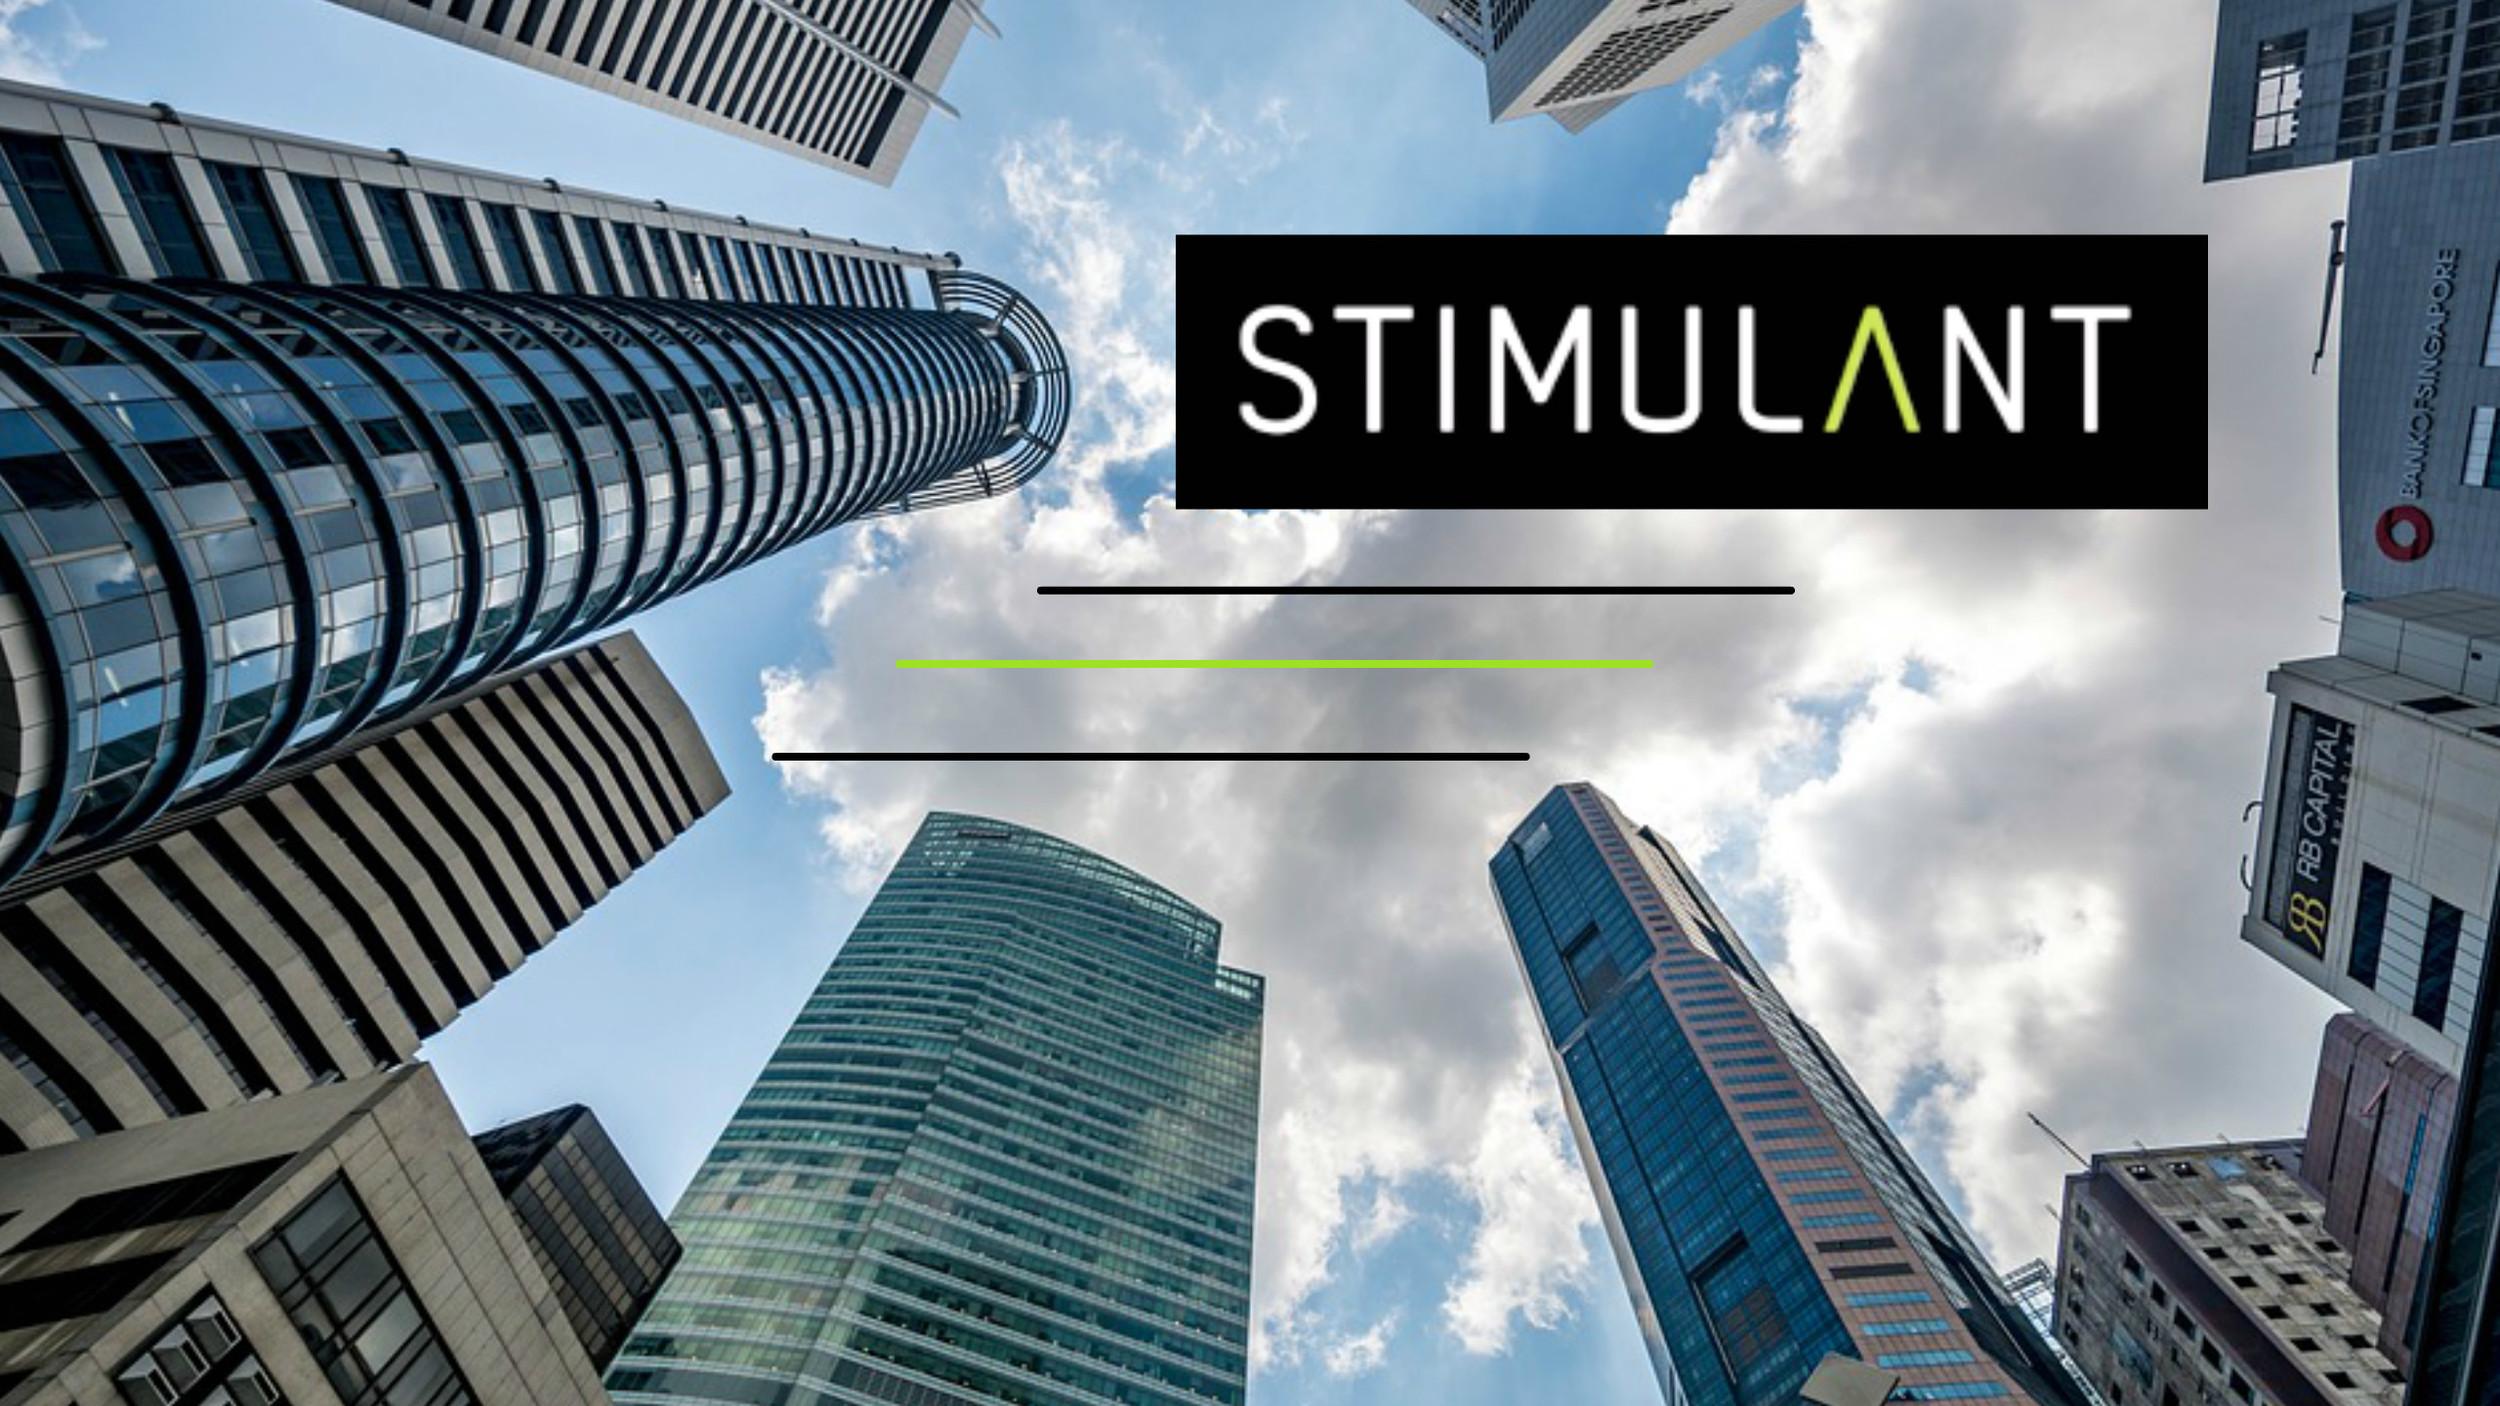 Stimulant US Bank Tower.jpg